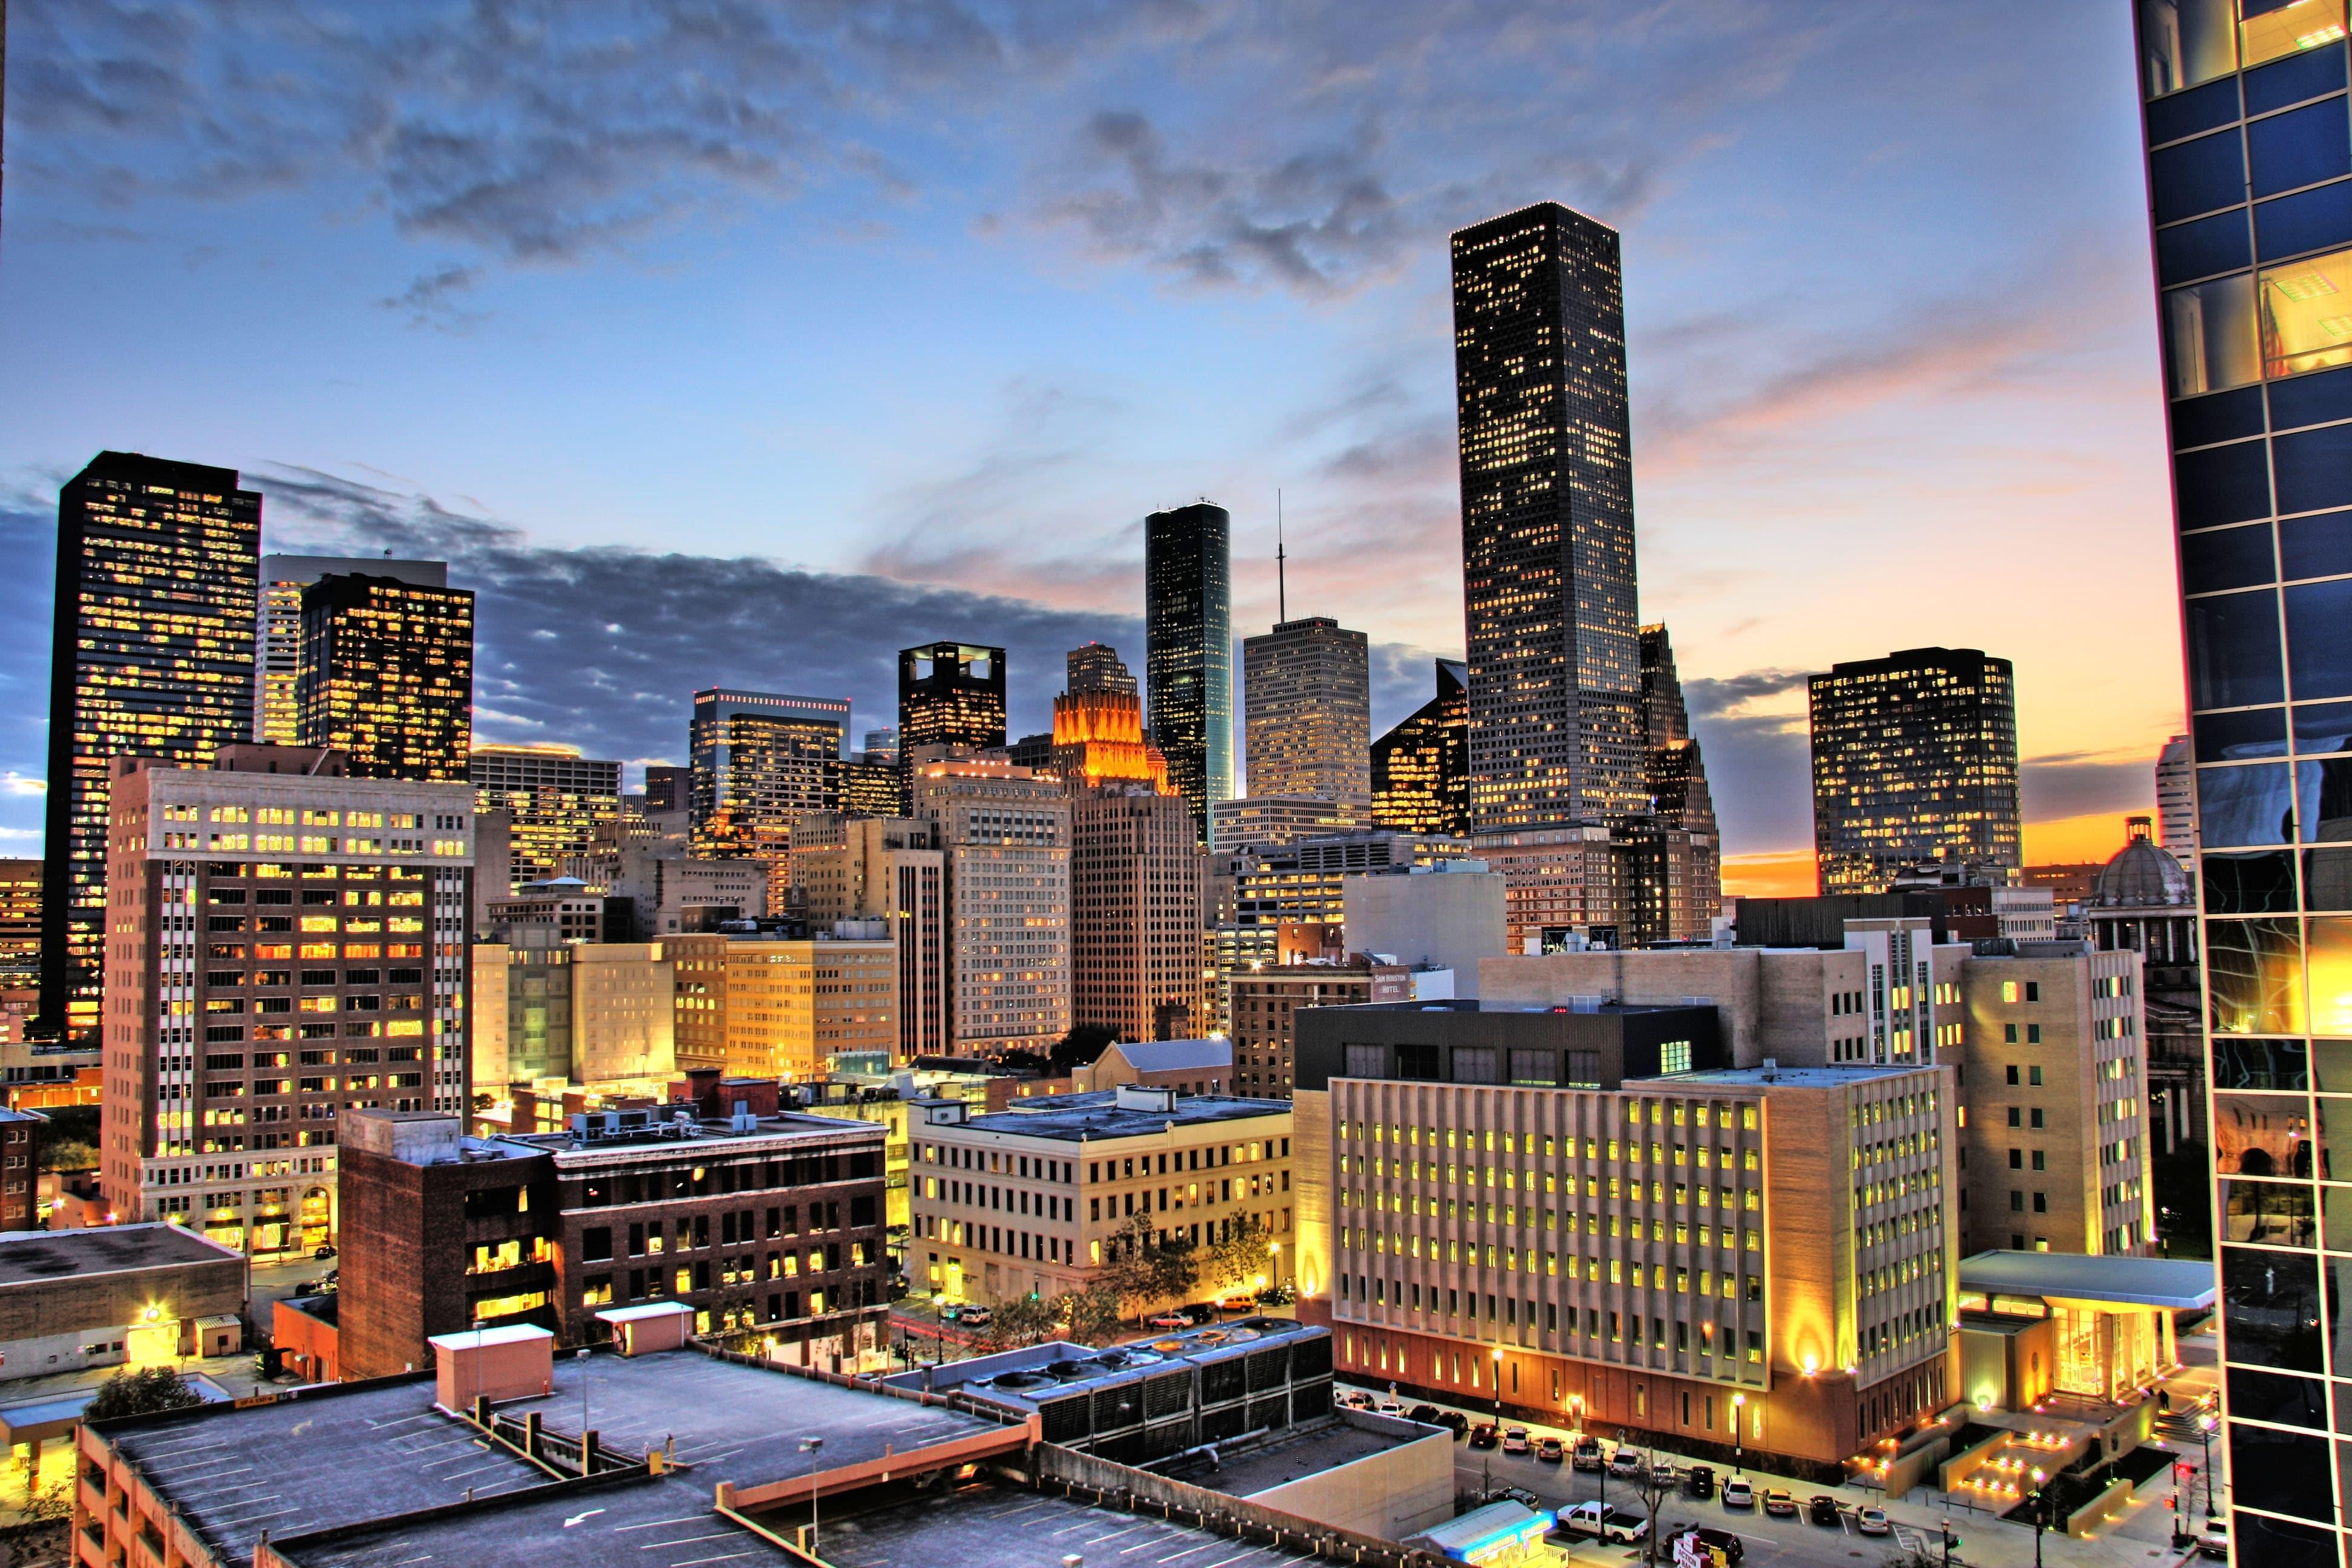 În fiecare noapte Houston se aprinde datorită tuturor luminilor orașului